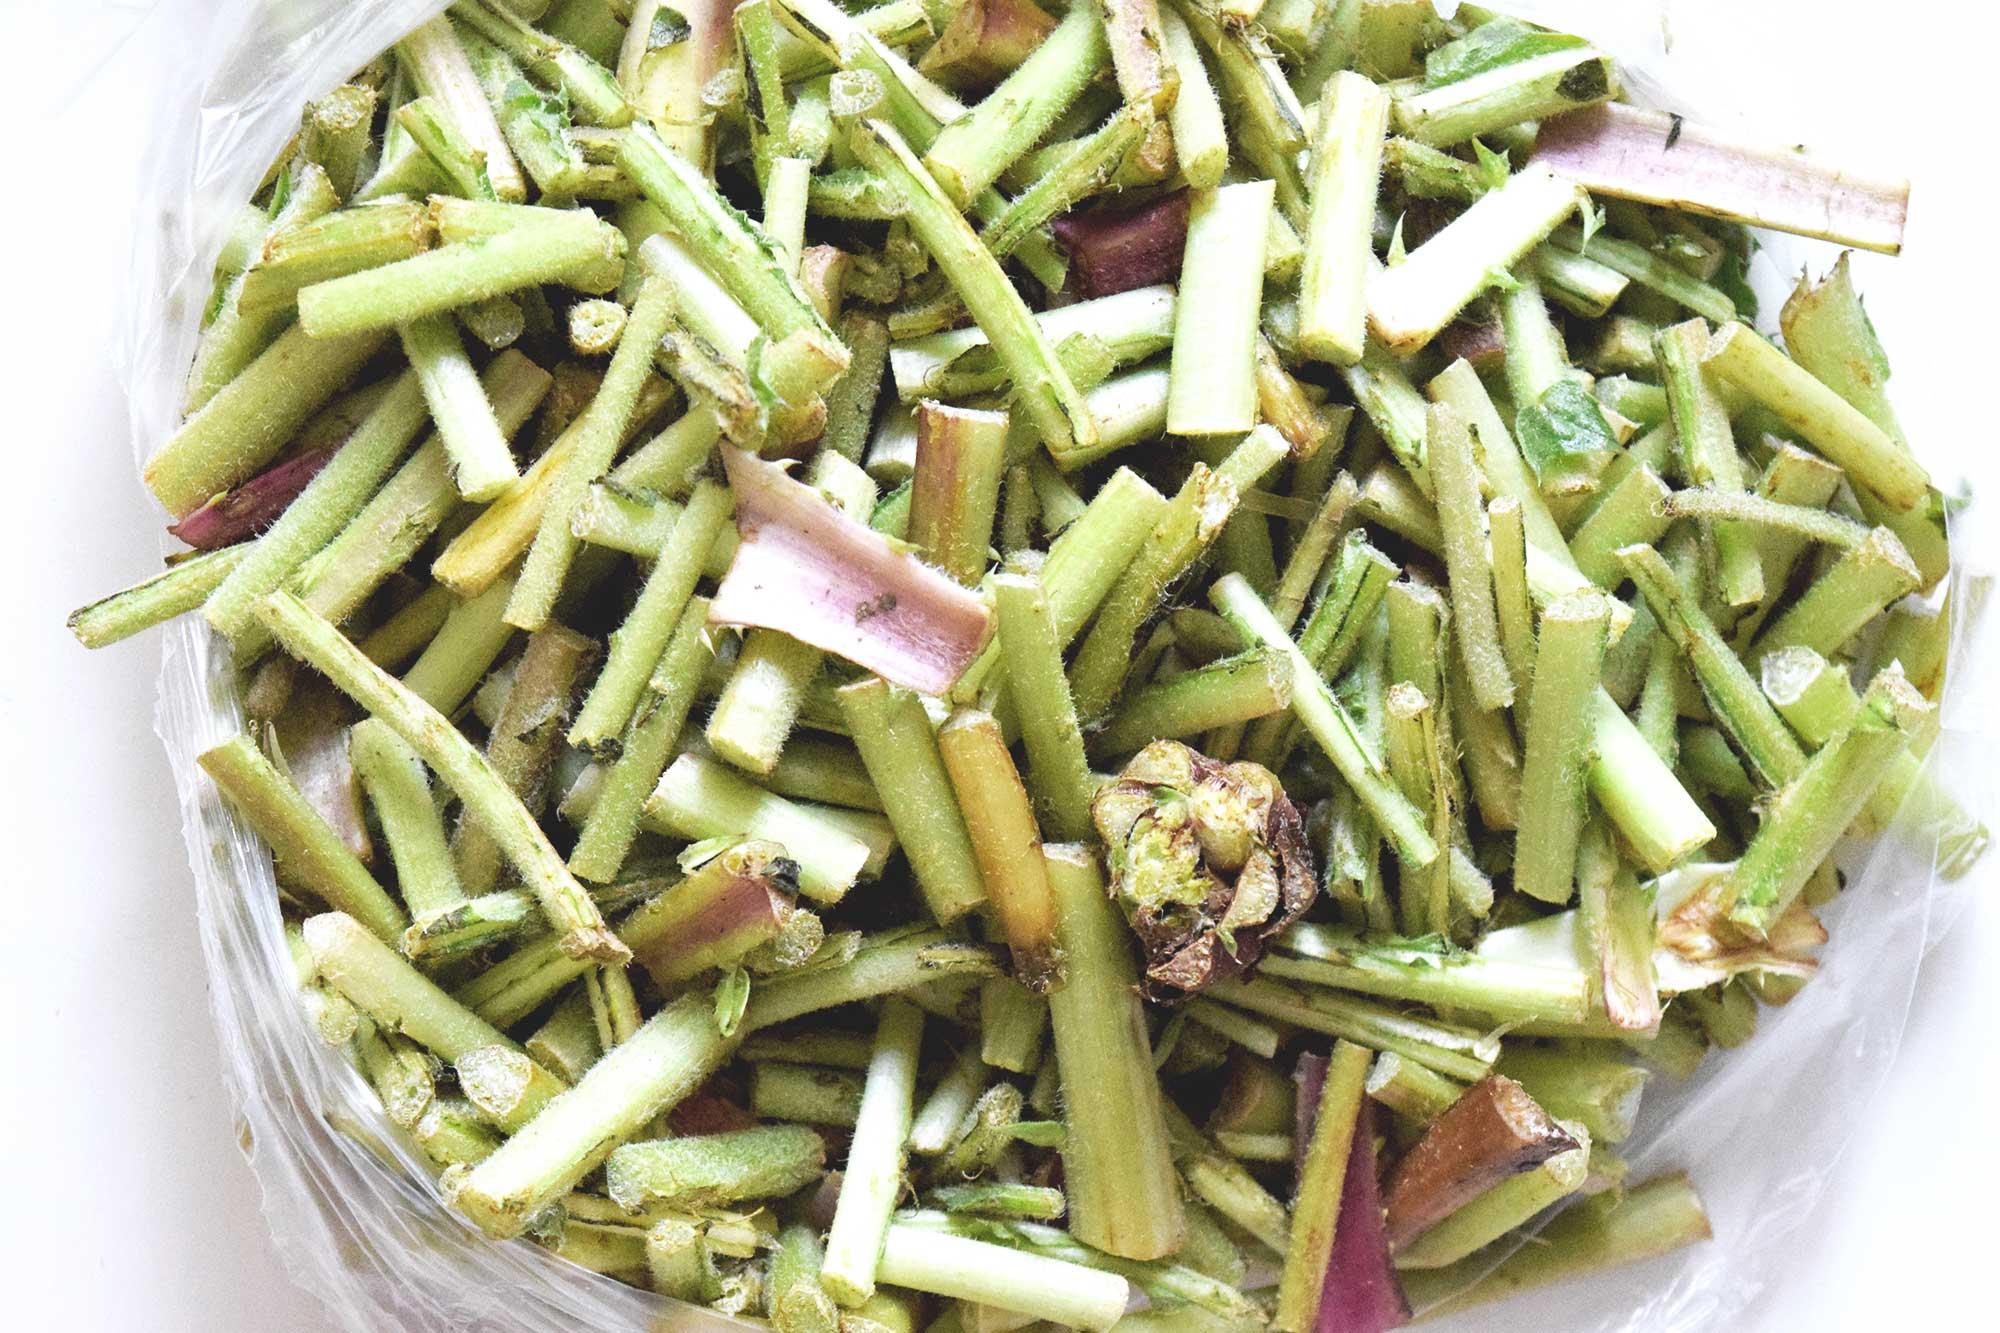 Tagarninas vegetable from Cadiz